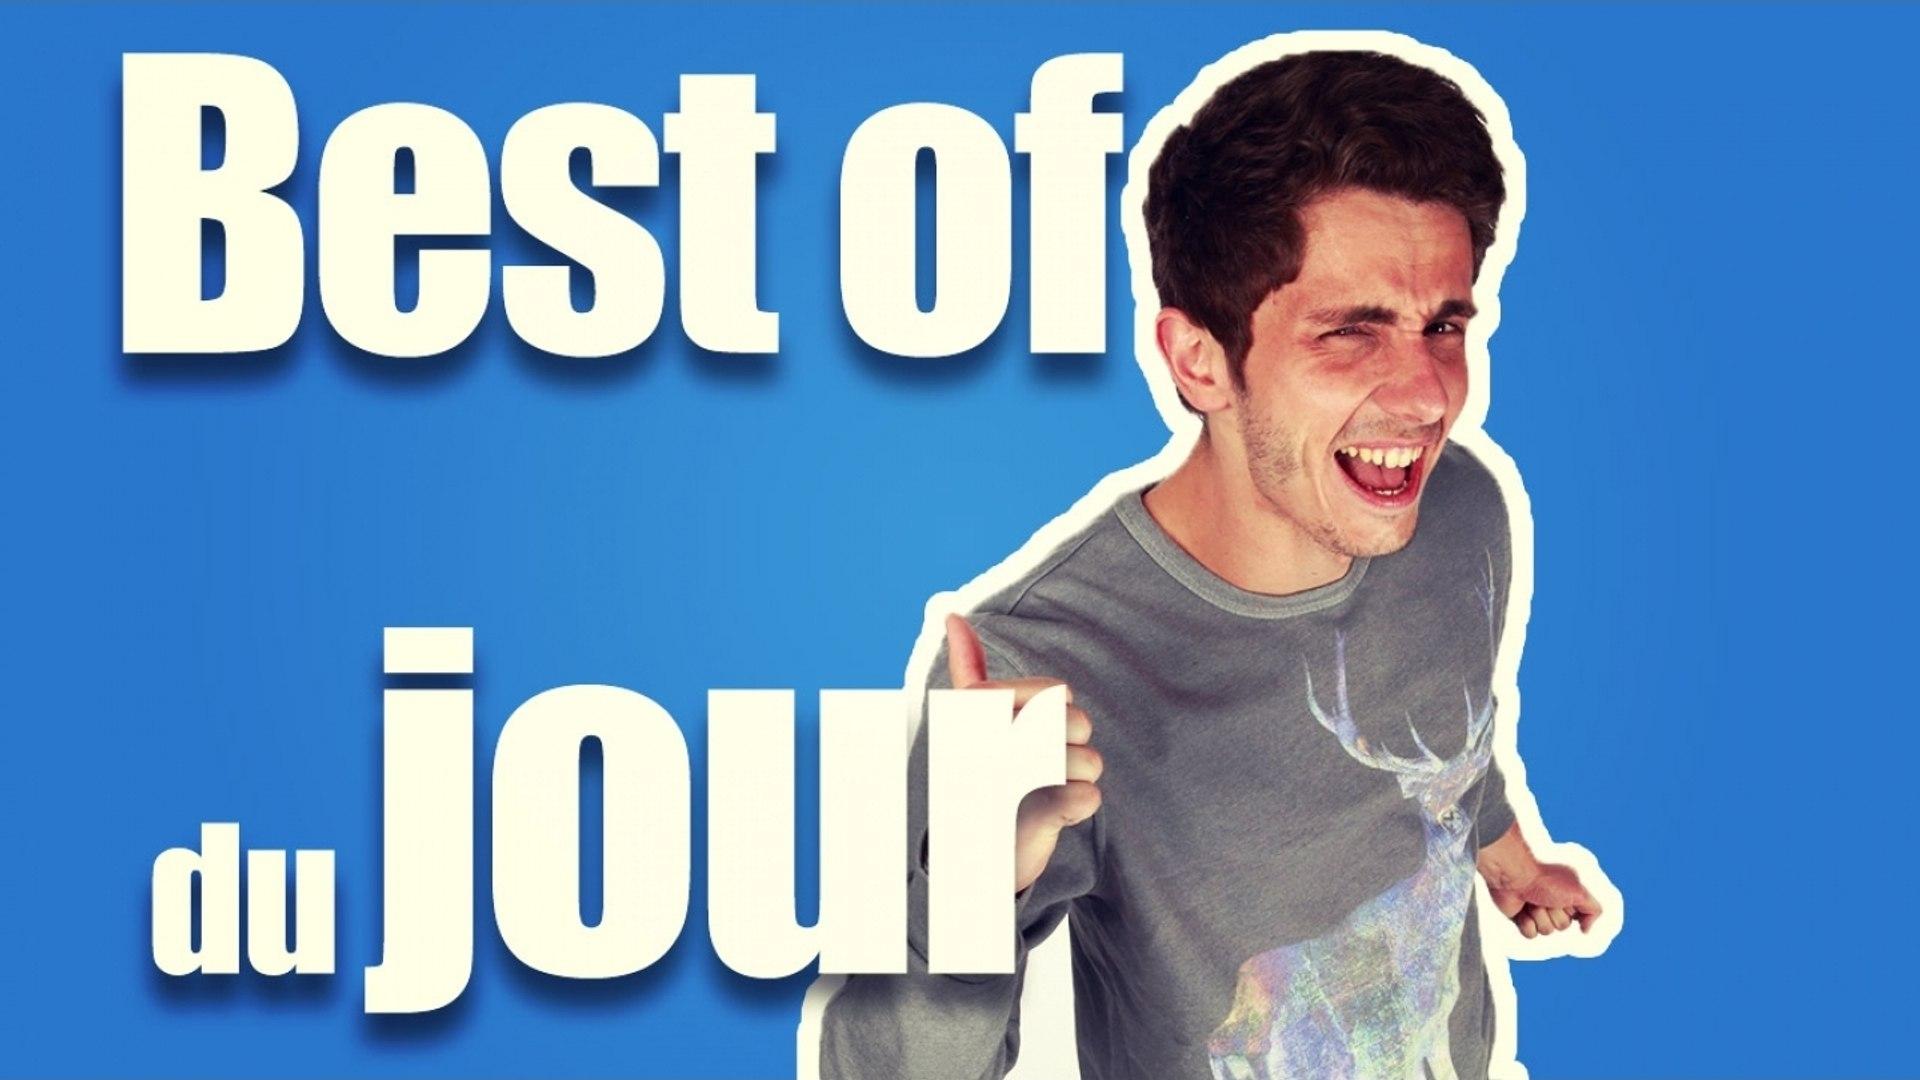 Best of vidéo Guillaume Radio 2.0 sur NRJ du 15/08/2014